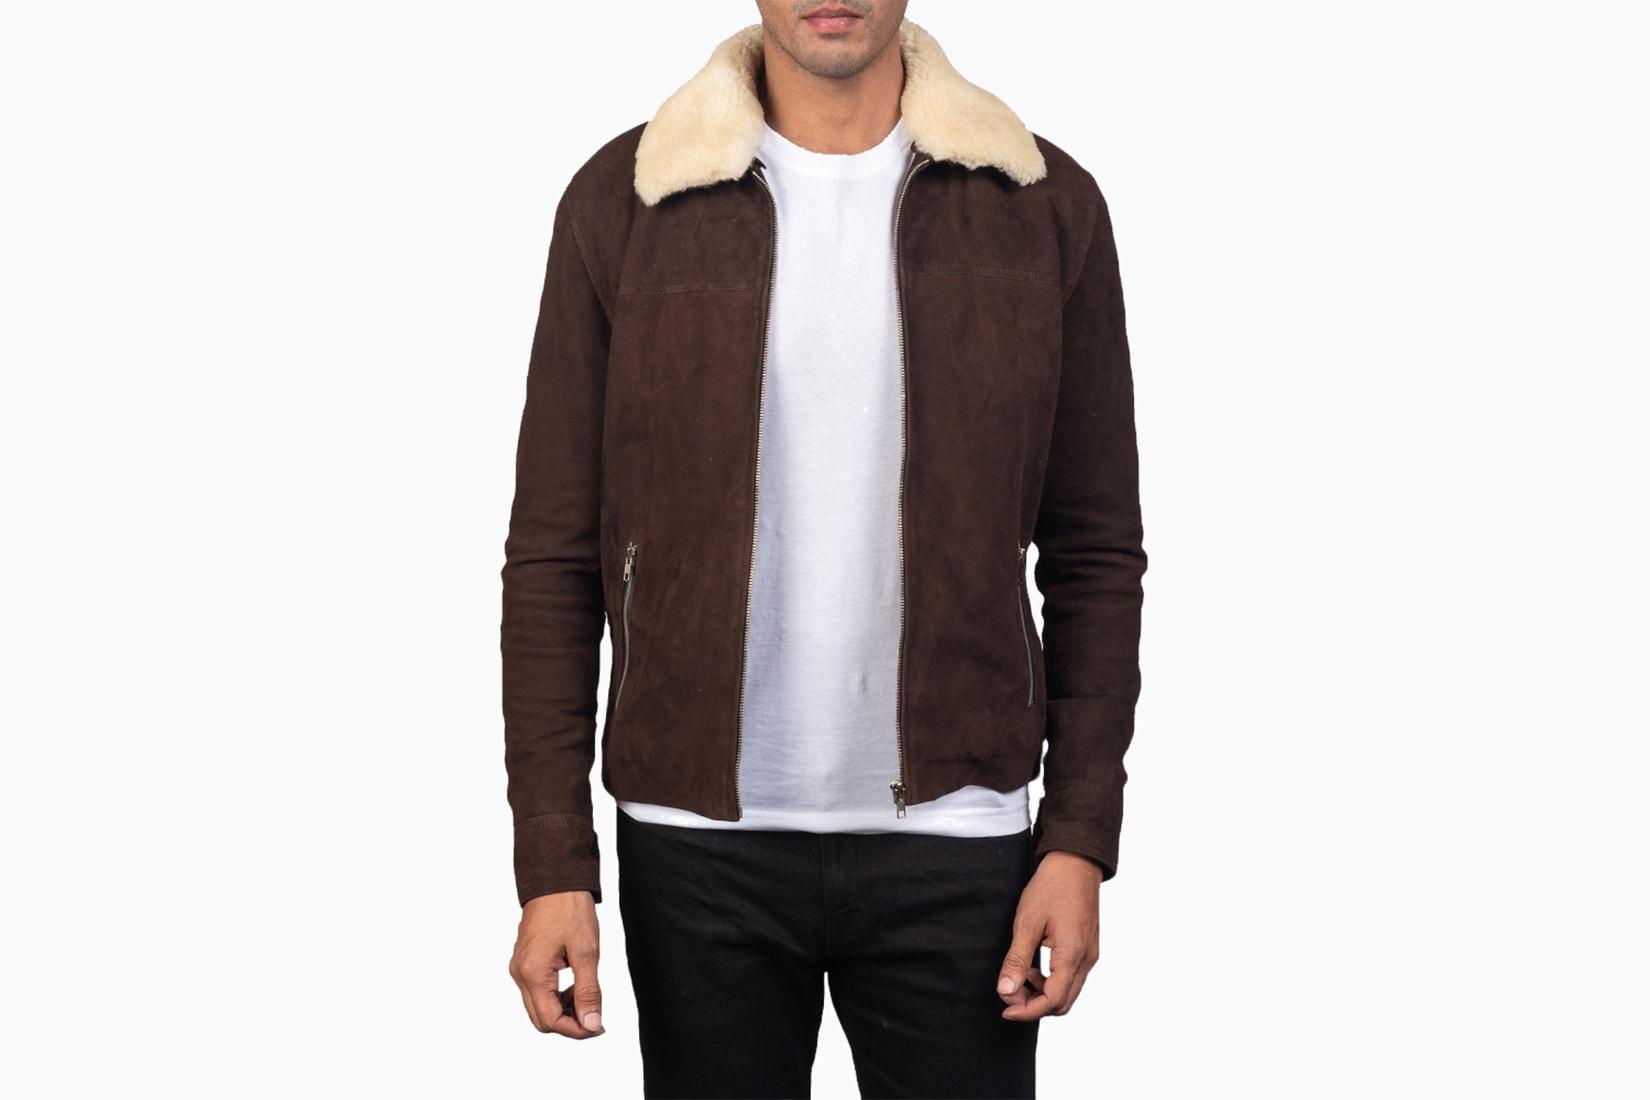 Los mejores abrigos de invierno para hombres, fabricante de chaquetas, revisión de coffner shearling - Luxe Digital